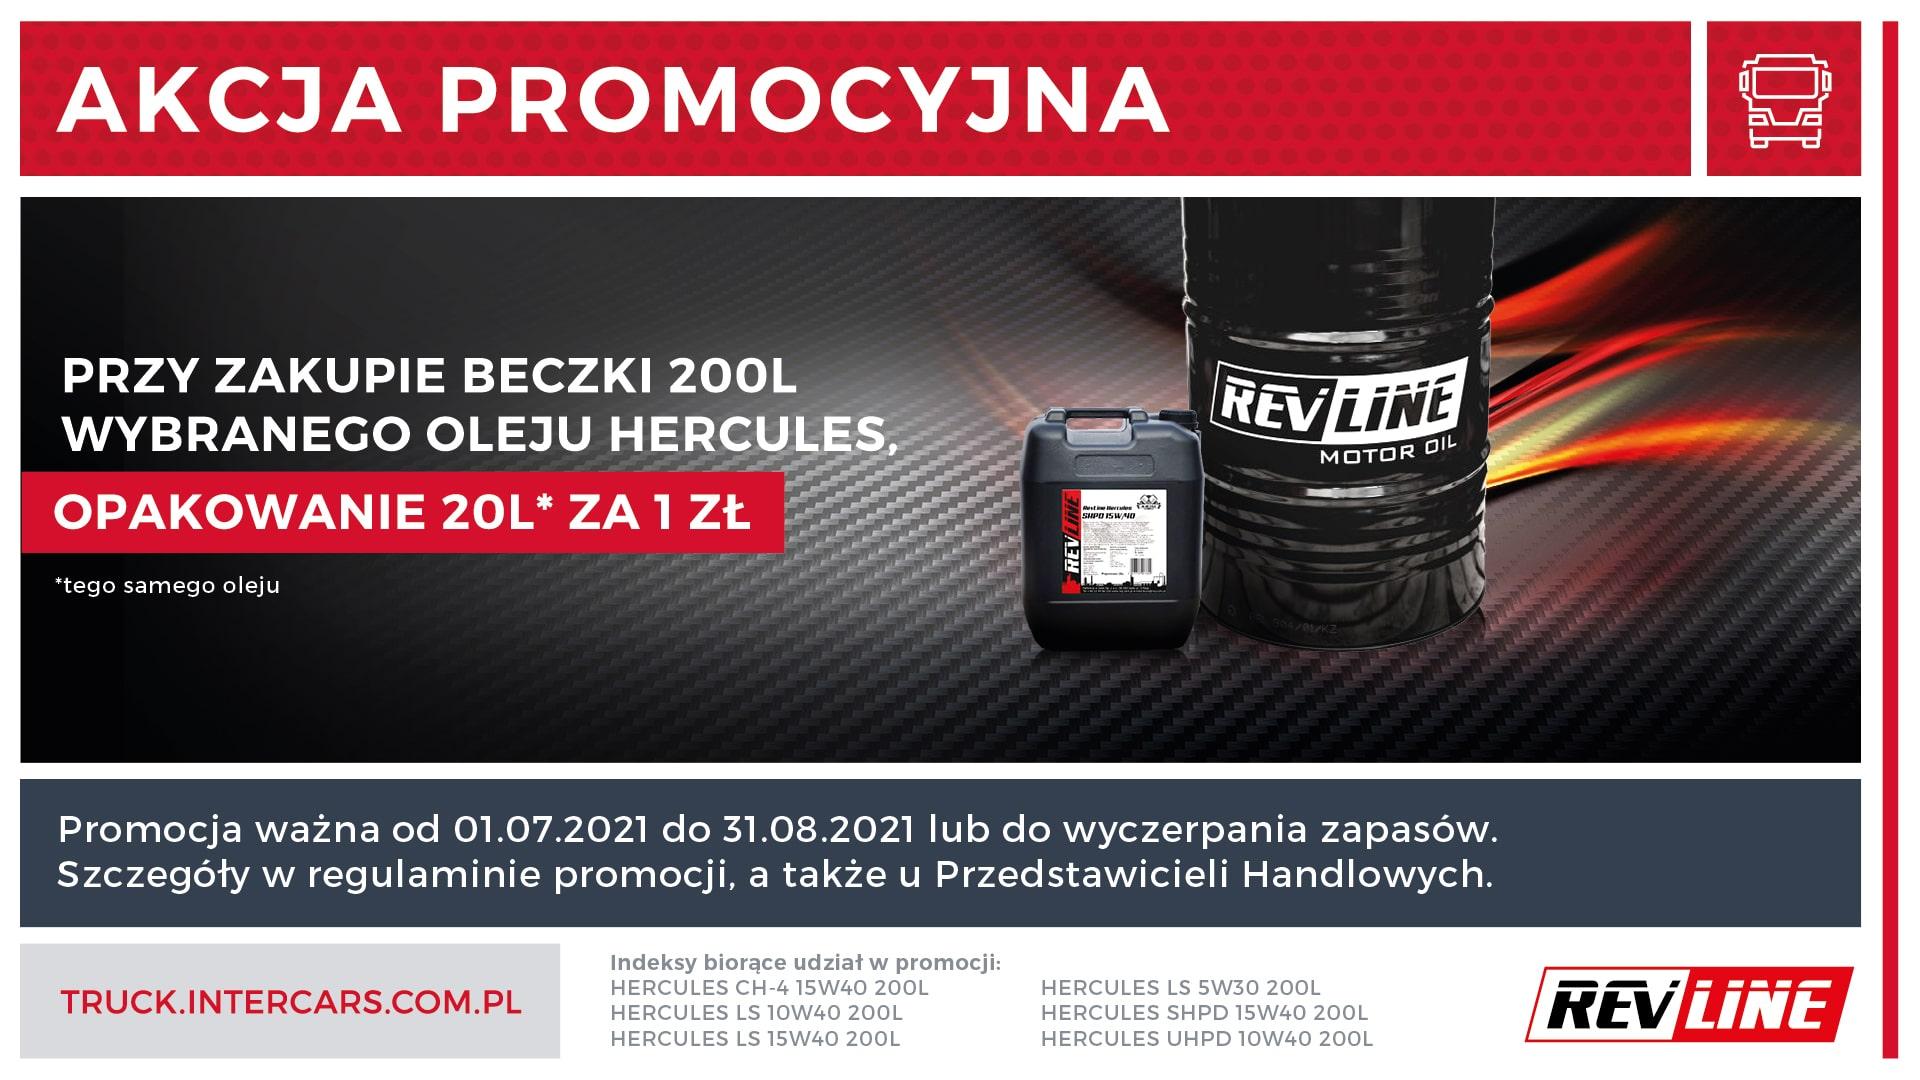 Revline_.jpg